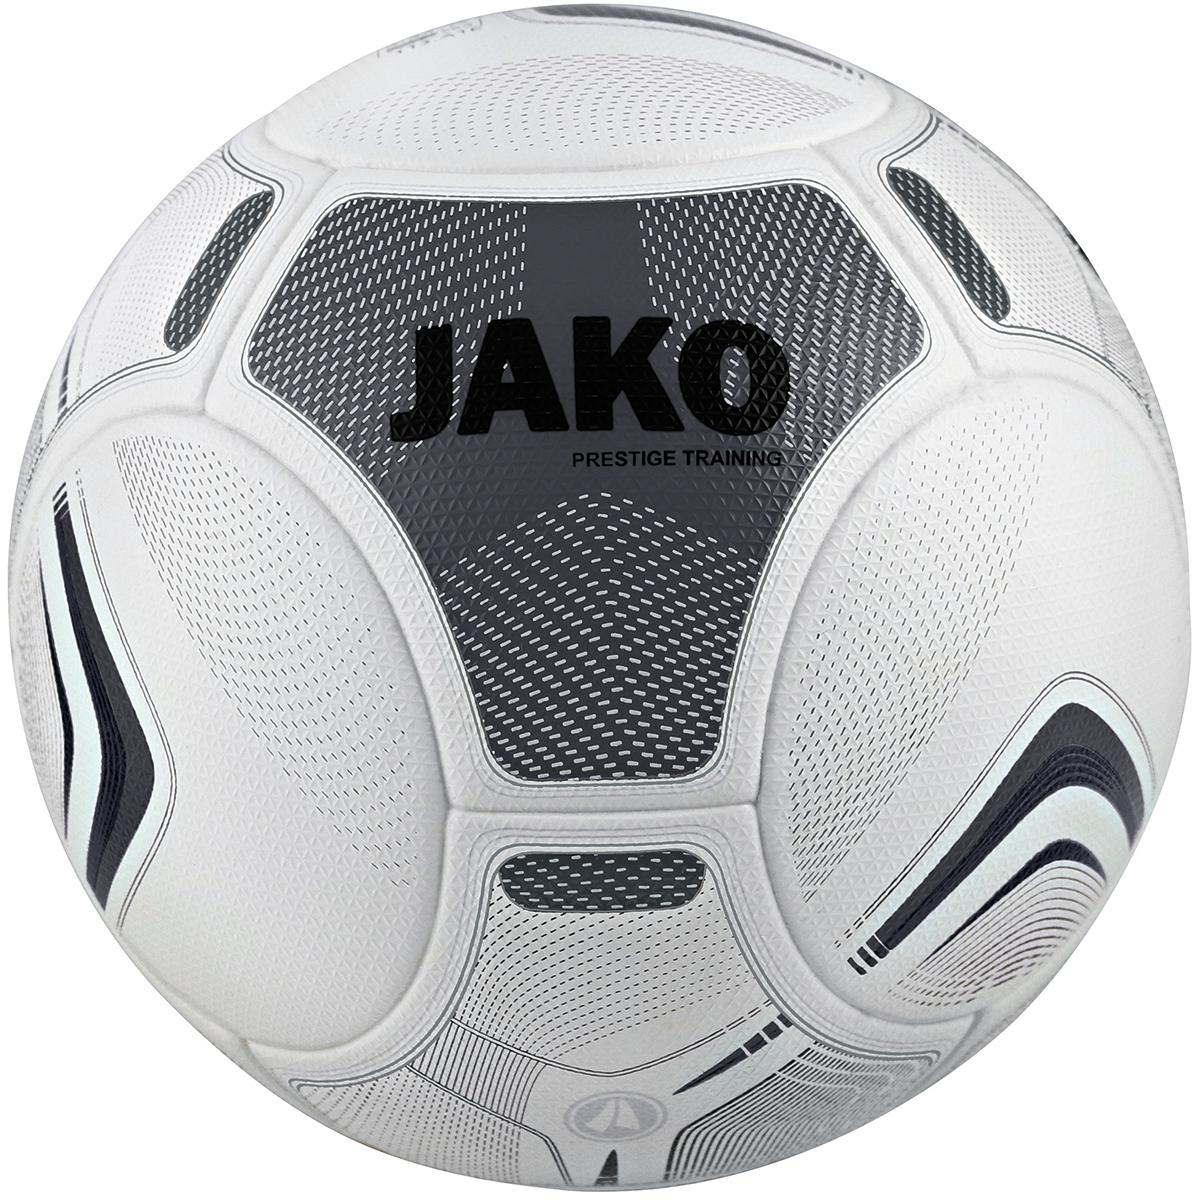 JAKO Trainingsball Motion 3.0